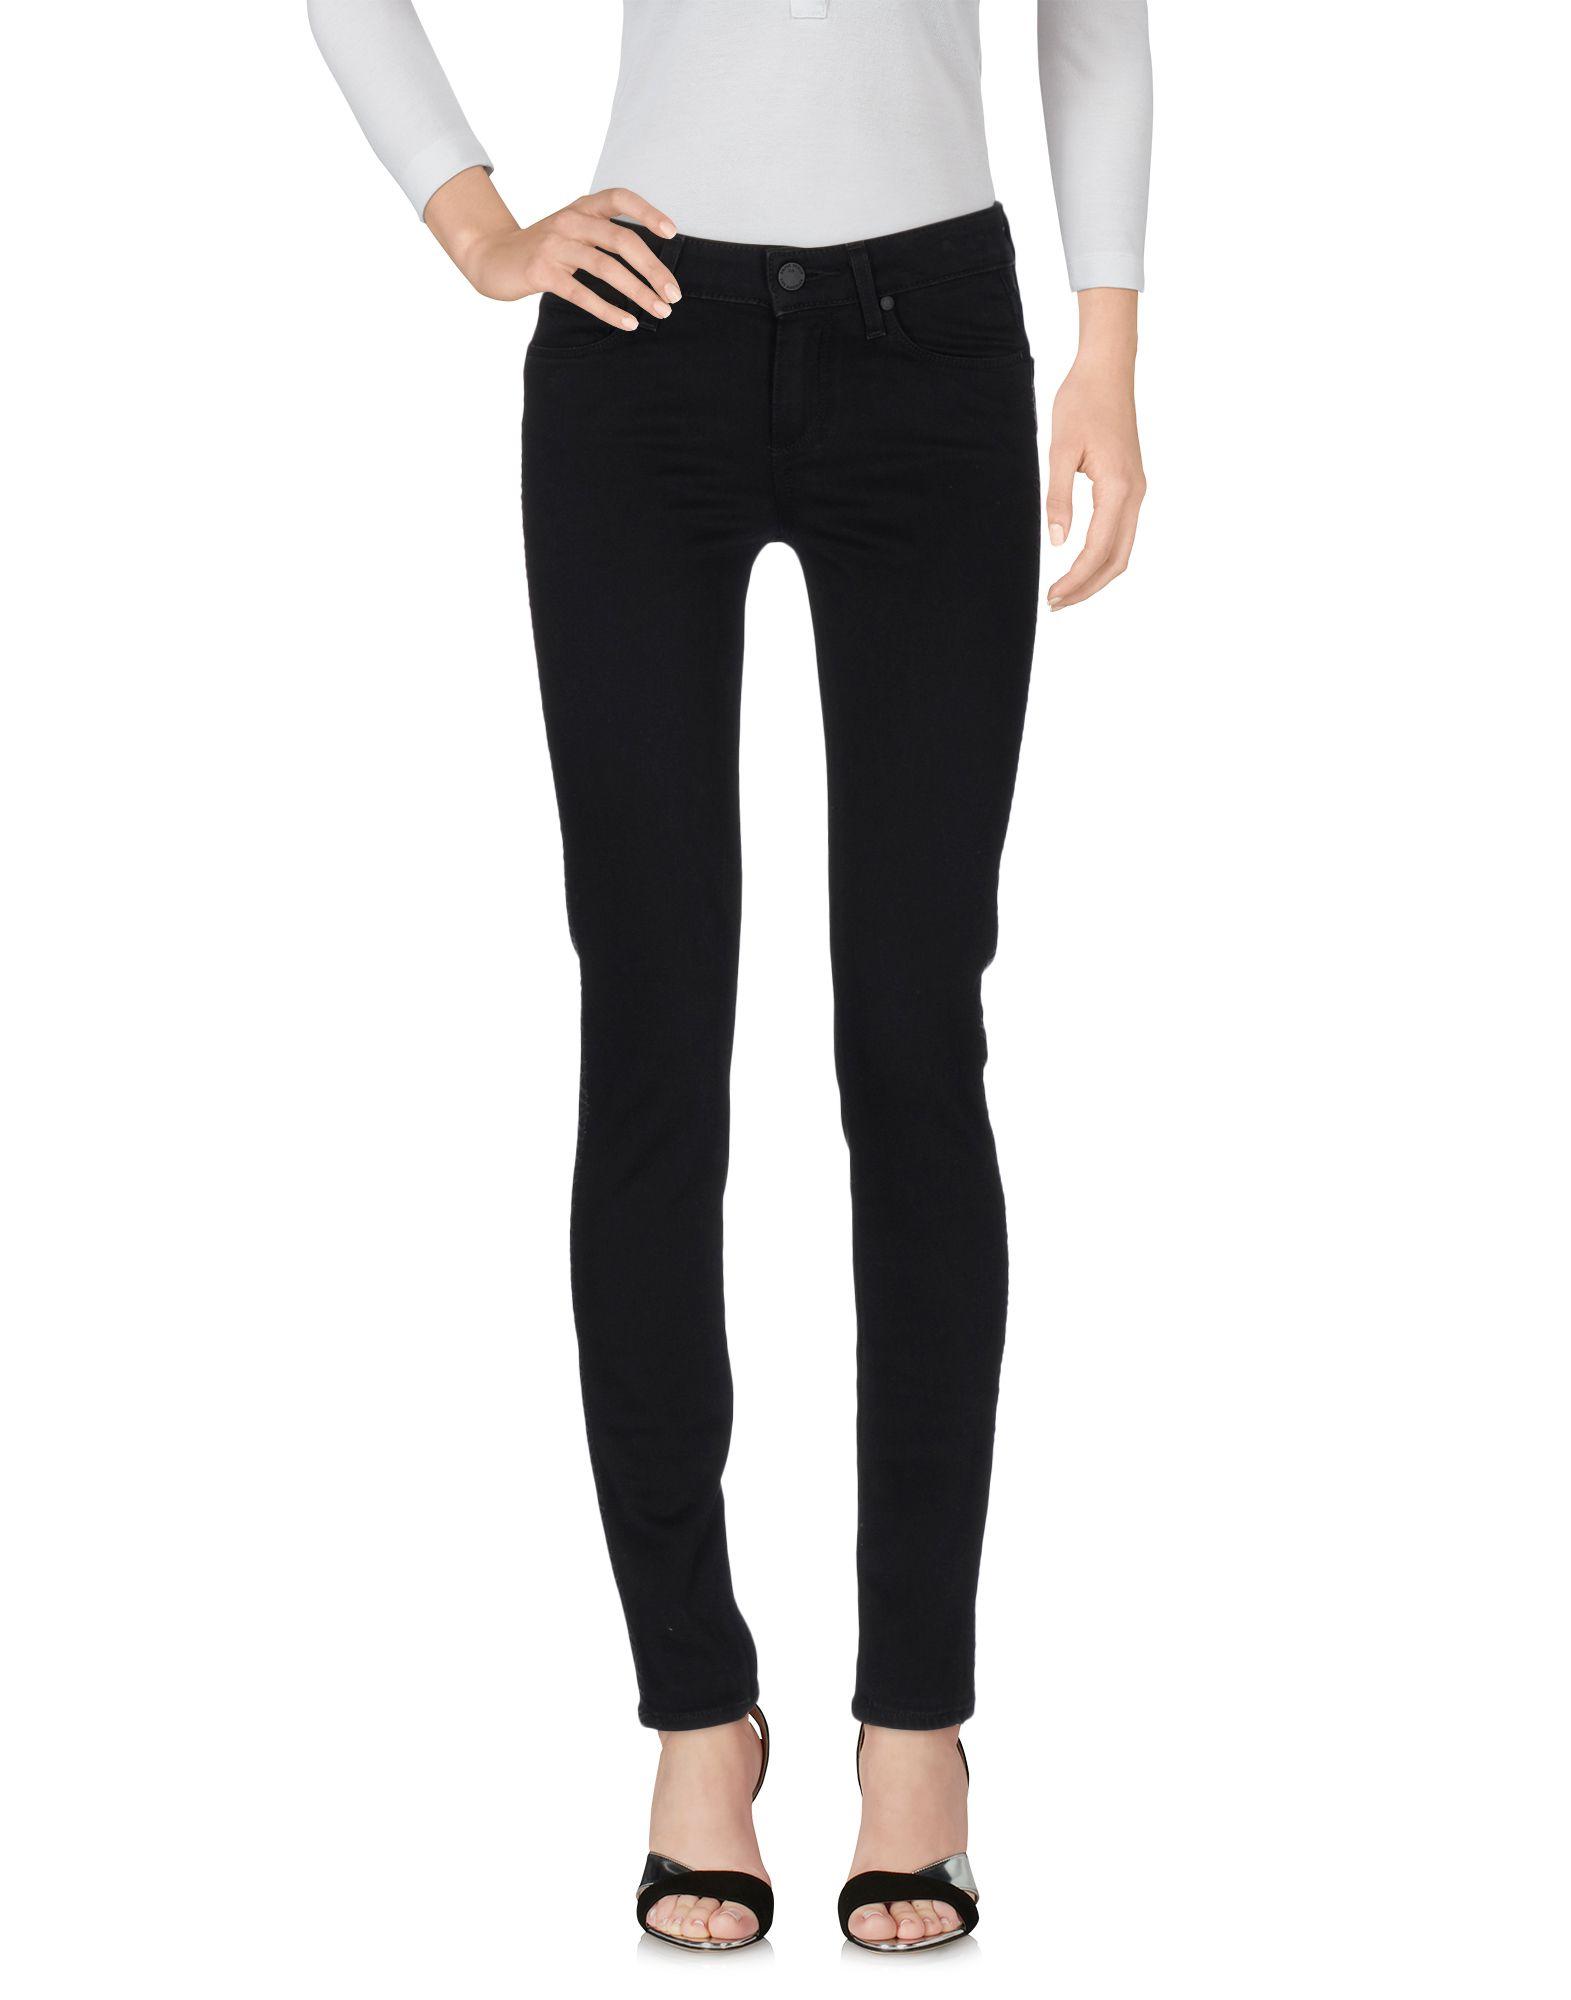 PAIGE Damen Jeanshose Farbe Schwarz Größe 1 - broschei